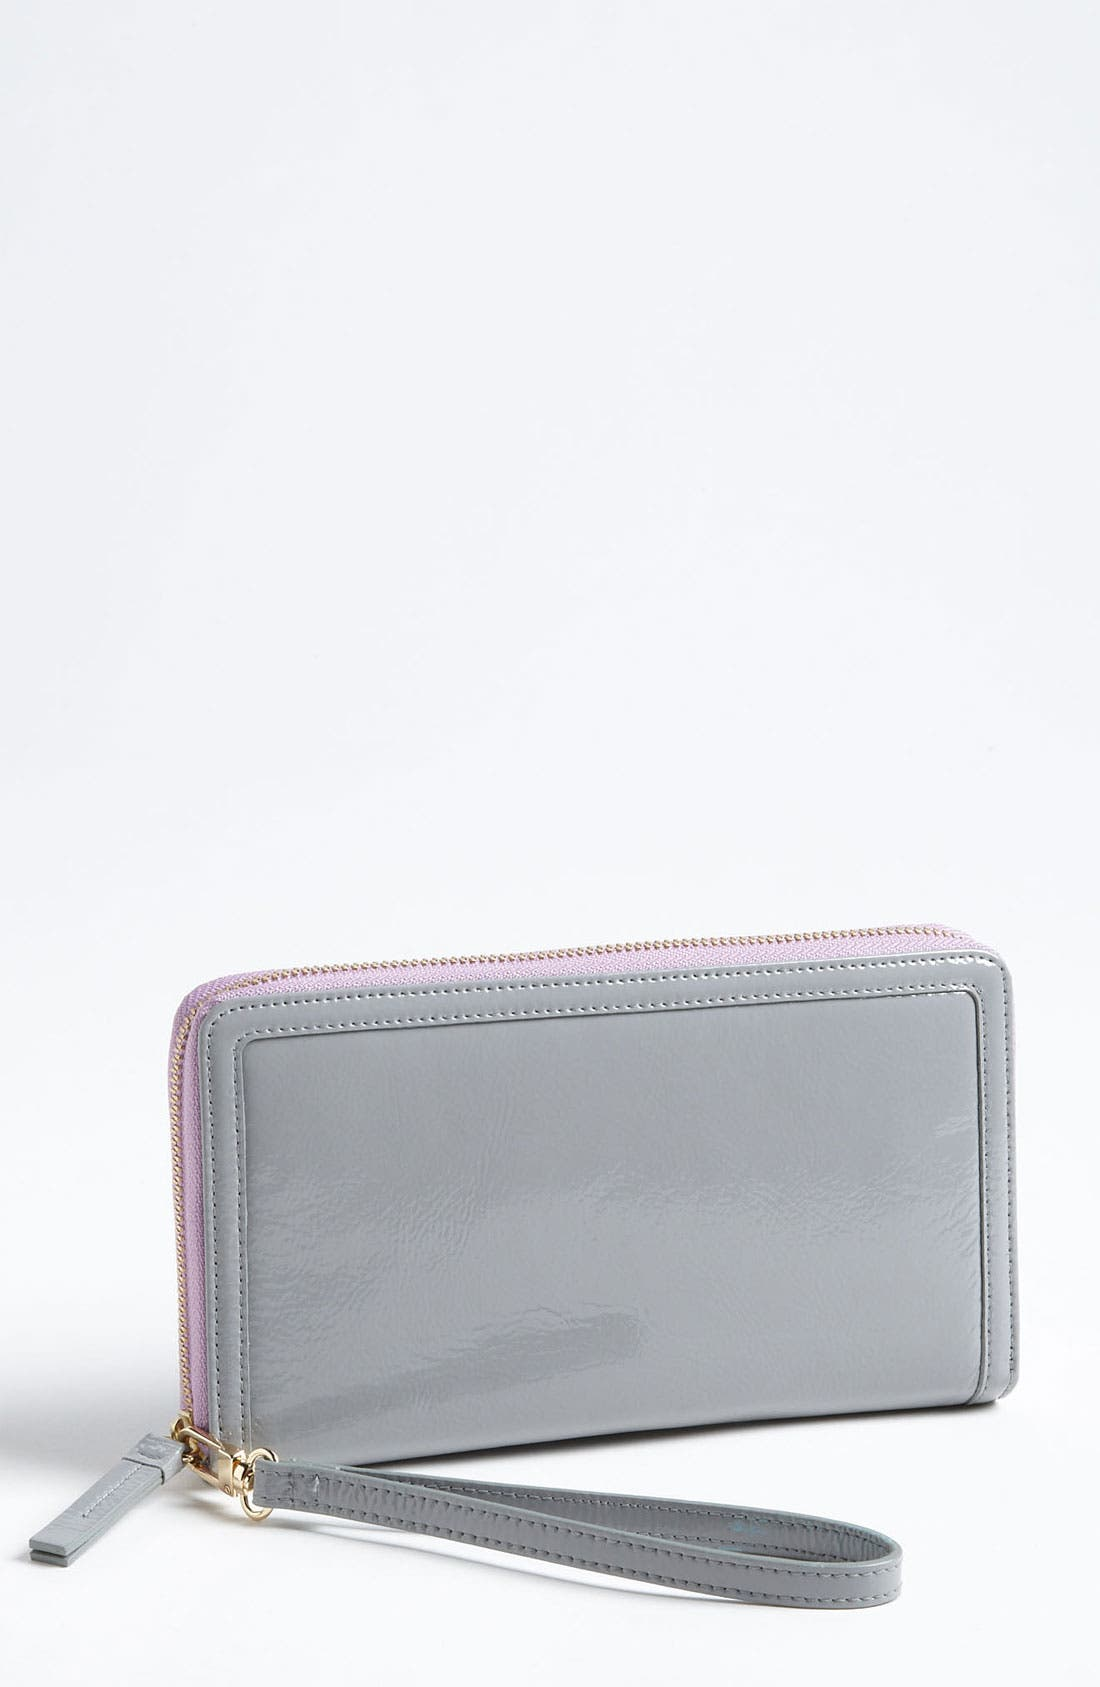 Alternate Image 1 Selected - Halogen Zip Around Wallet